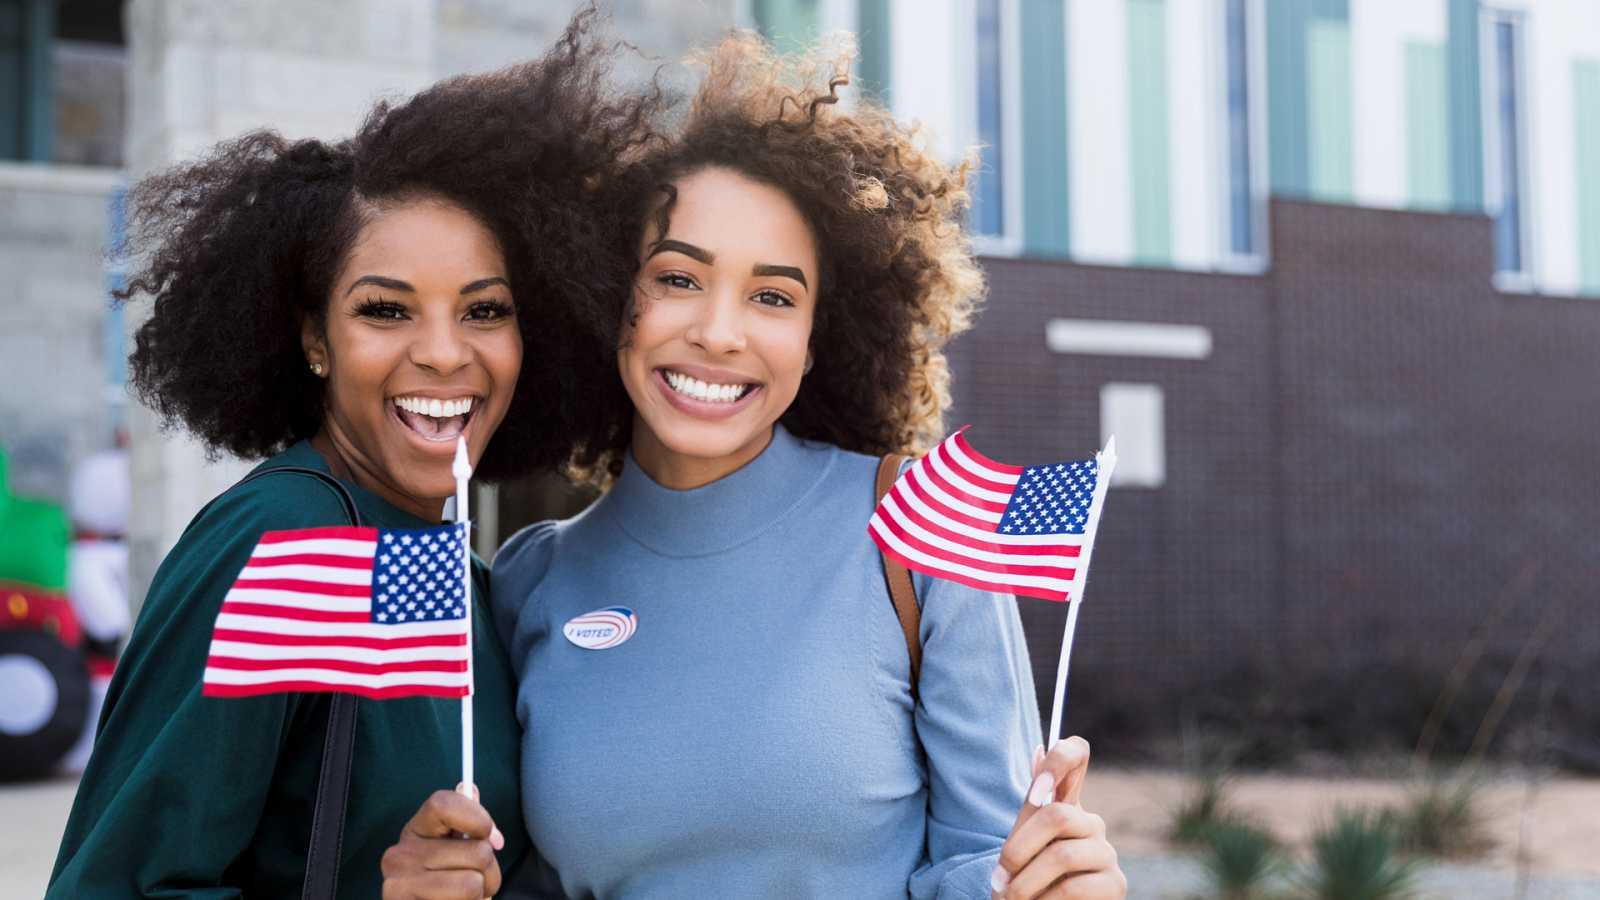 Hora América - Importancia del voto latino y el de las mujeres en las elecciones de EE. UU. - 27/10/20 - escuchar ahora